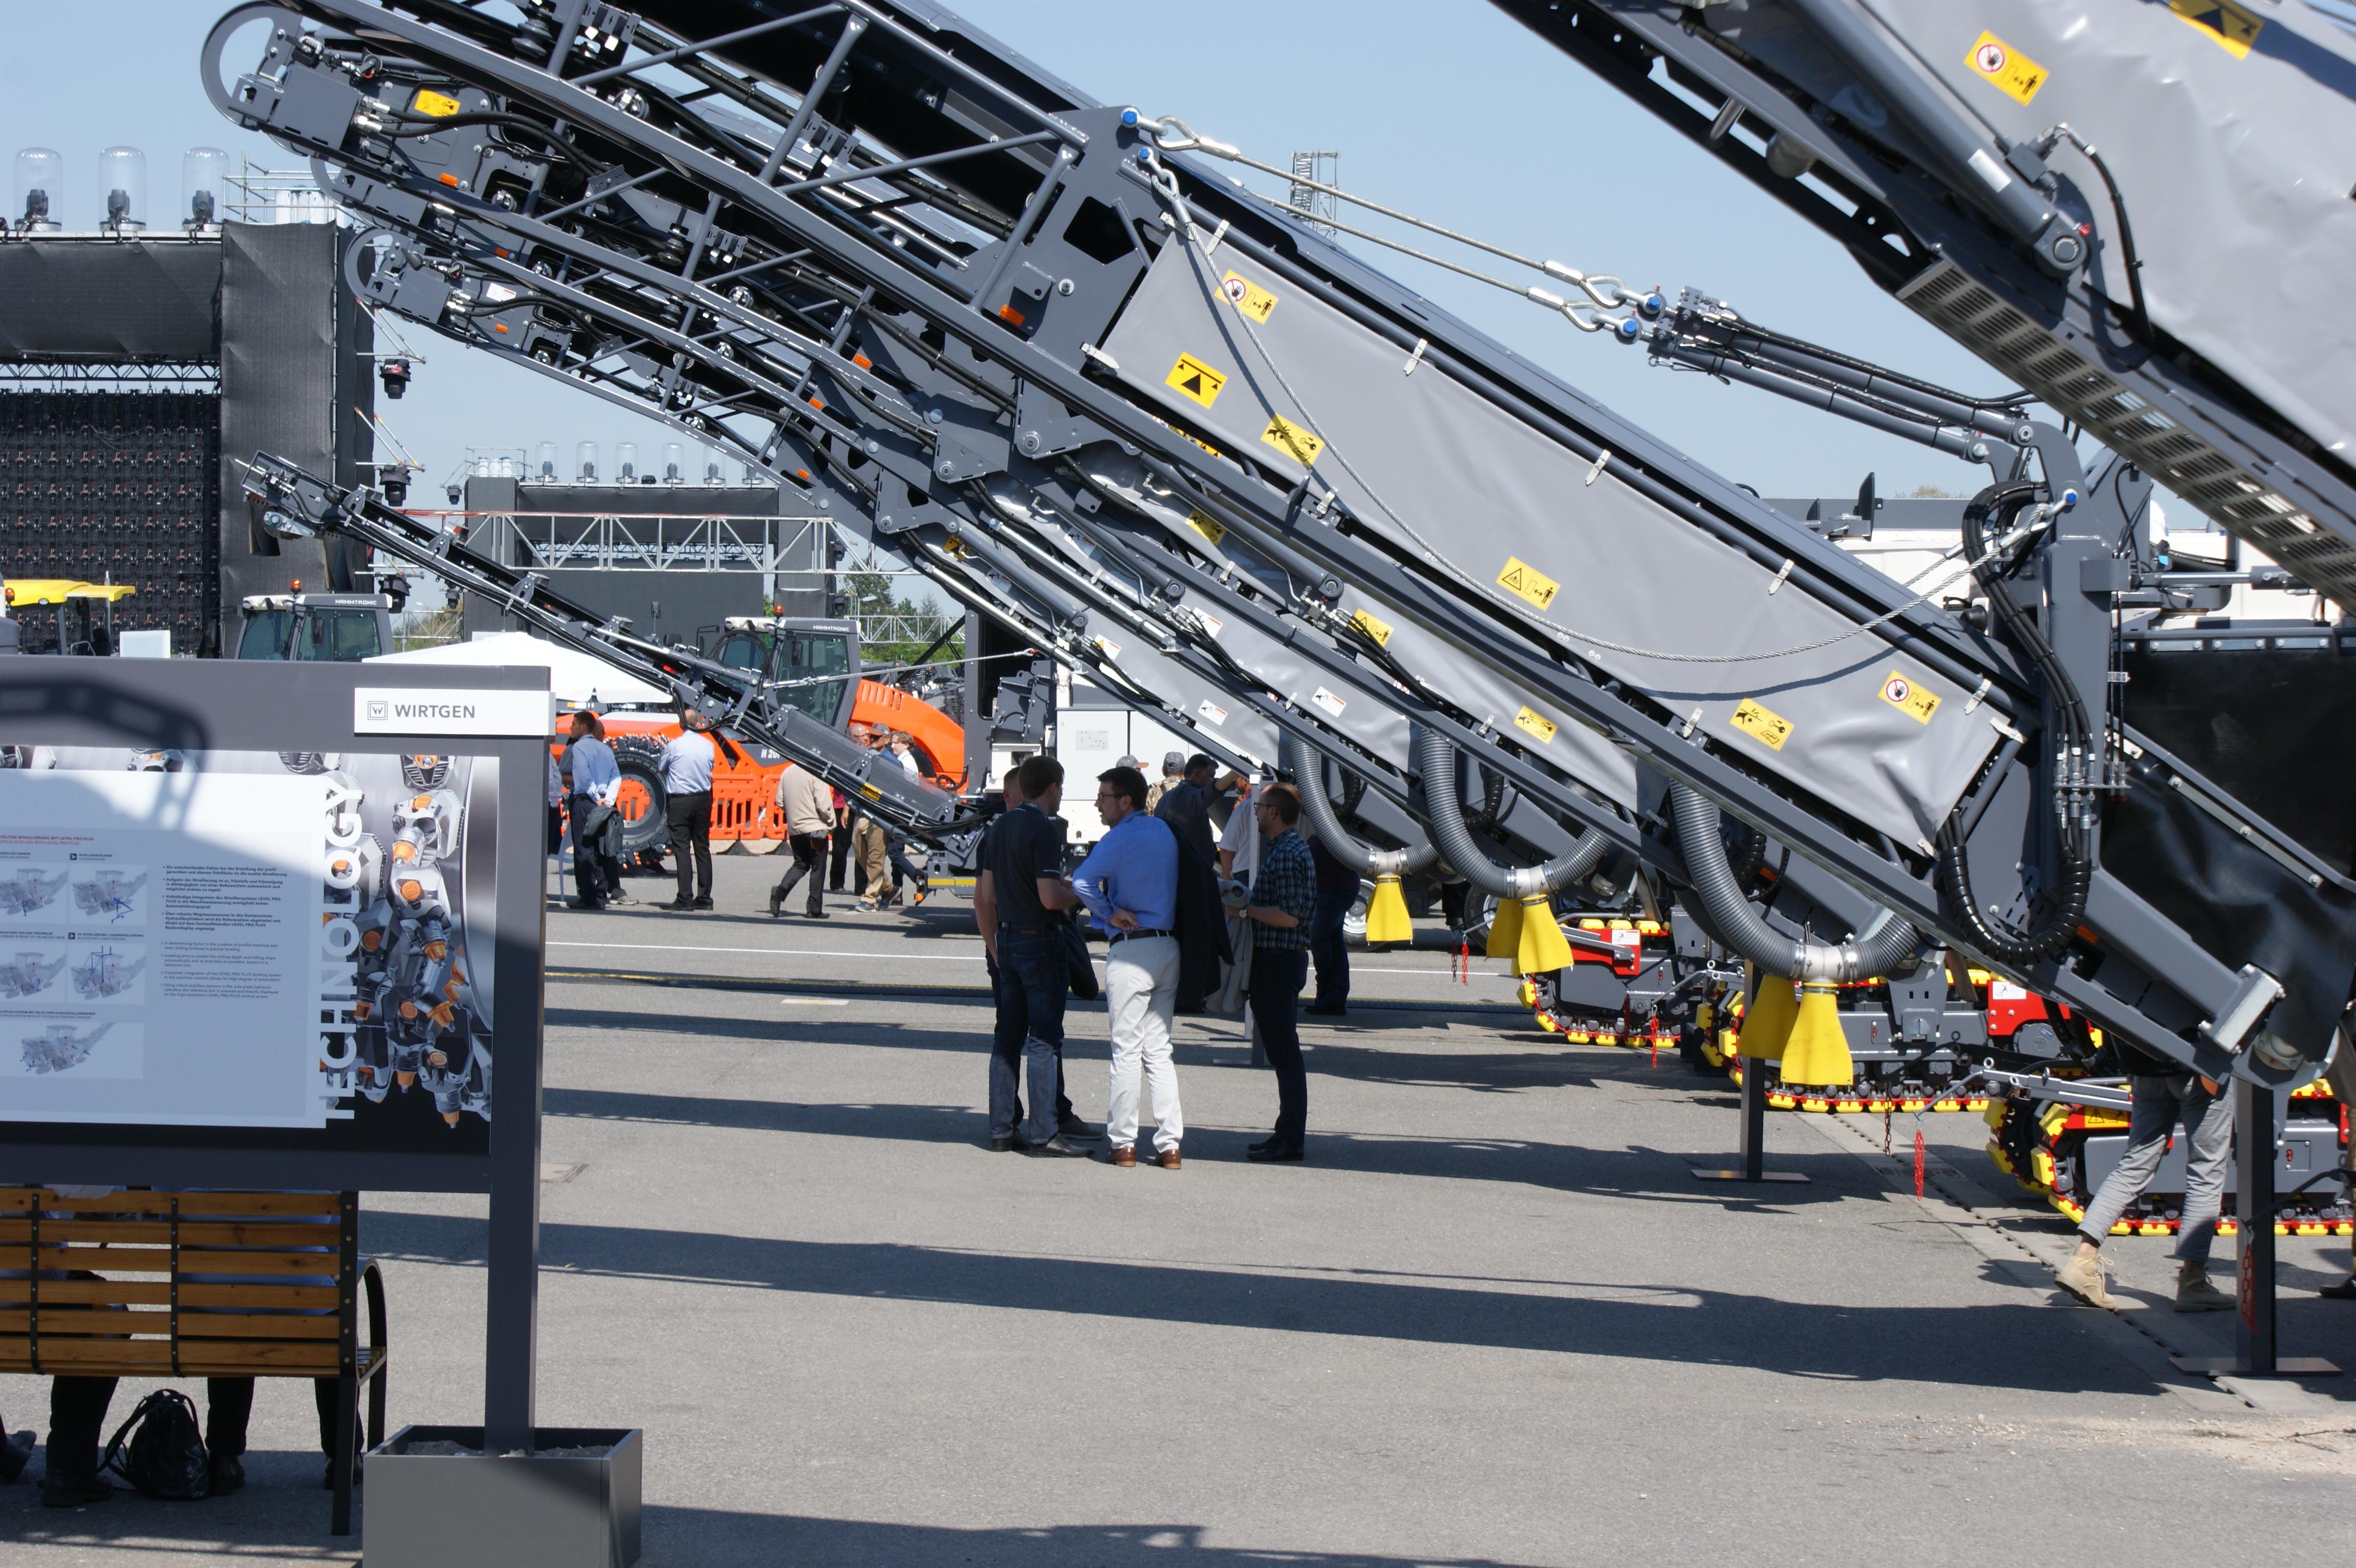 <p>Tijdens de Wirtgen Technology Days in en rond de fabriek van Vögele in Ludwigshafen werd praktisch het complete gamma van de Wirtgen Group getoond. Ruim 4.000 gasten had de fabrikant uitgenodigd om kennis te komen delen en zich te laten inspireren.</p>